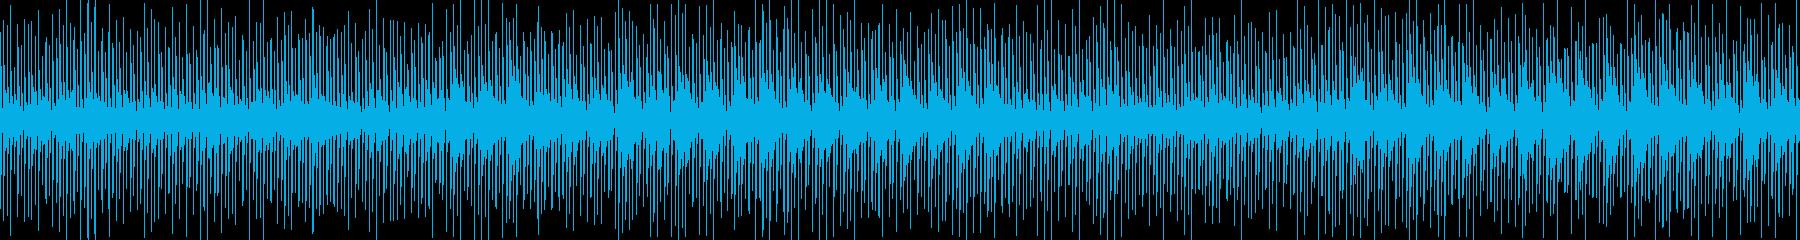 ゆったりめのテクノ/CM映像/戦闘緊張感の再生済みの波形